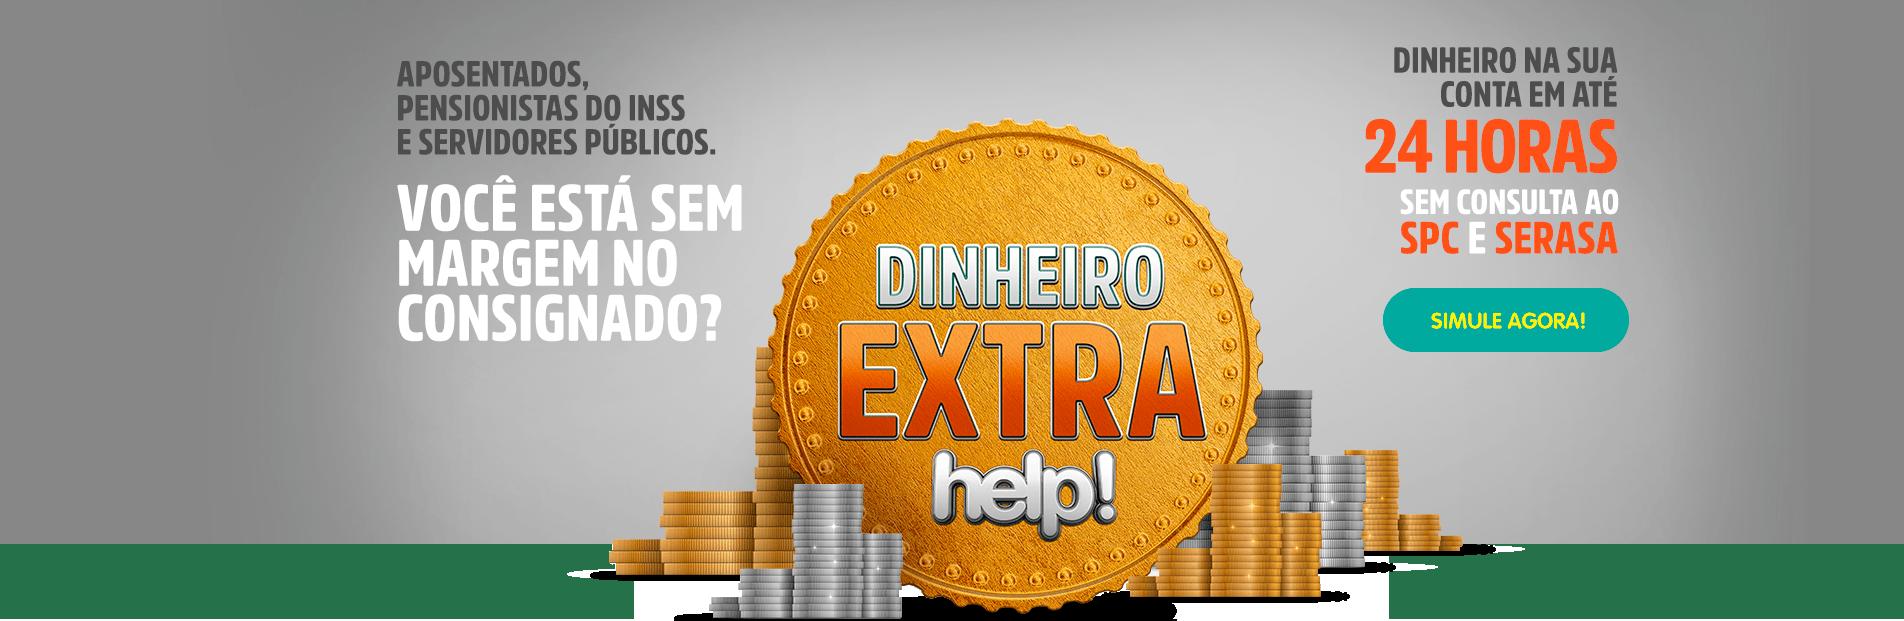 Dinheiro Extra help! sem consulta ao SPC e Serasa - Saiba Mais